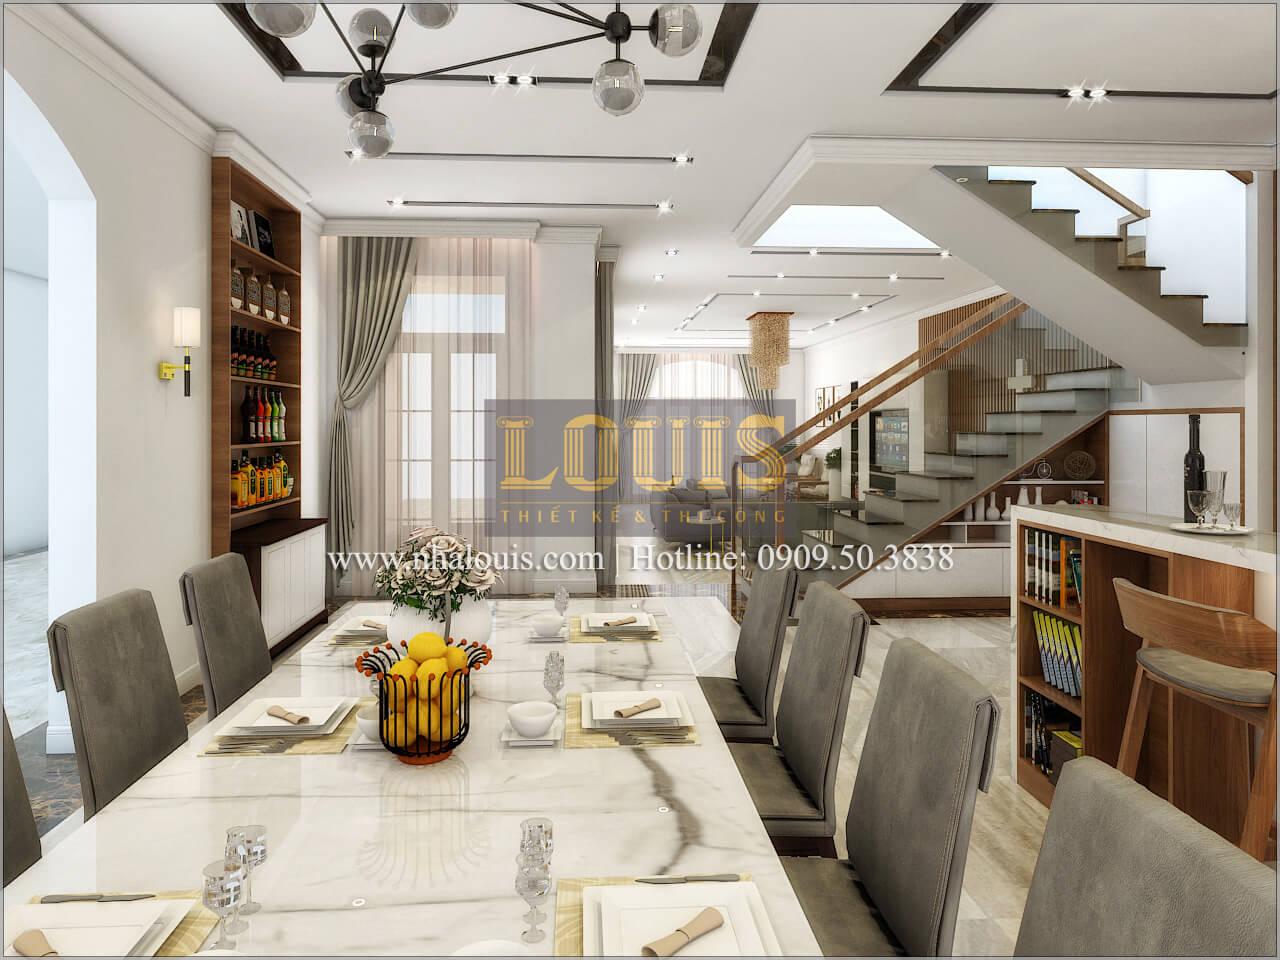 Phòng bếp Thiết kế biệt thự phong cách cổ điểnđẹp kết hợp kinh doanh tạiĐồng Nai